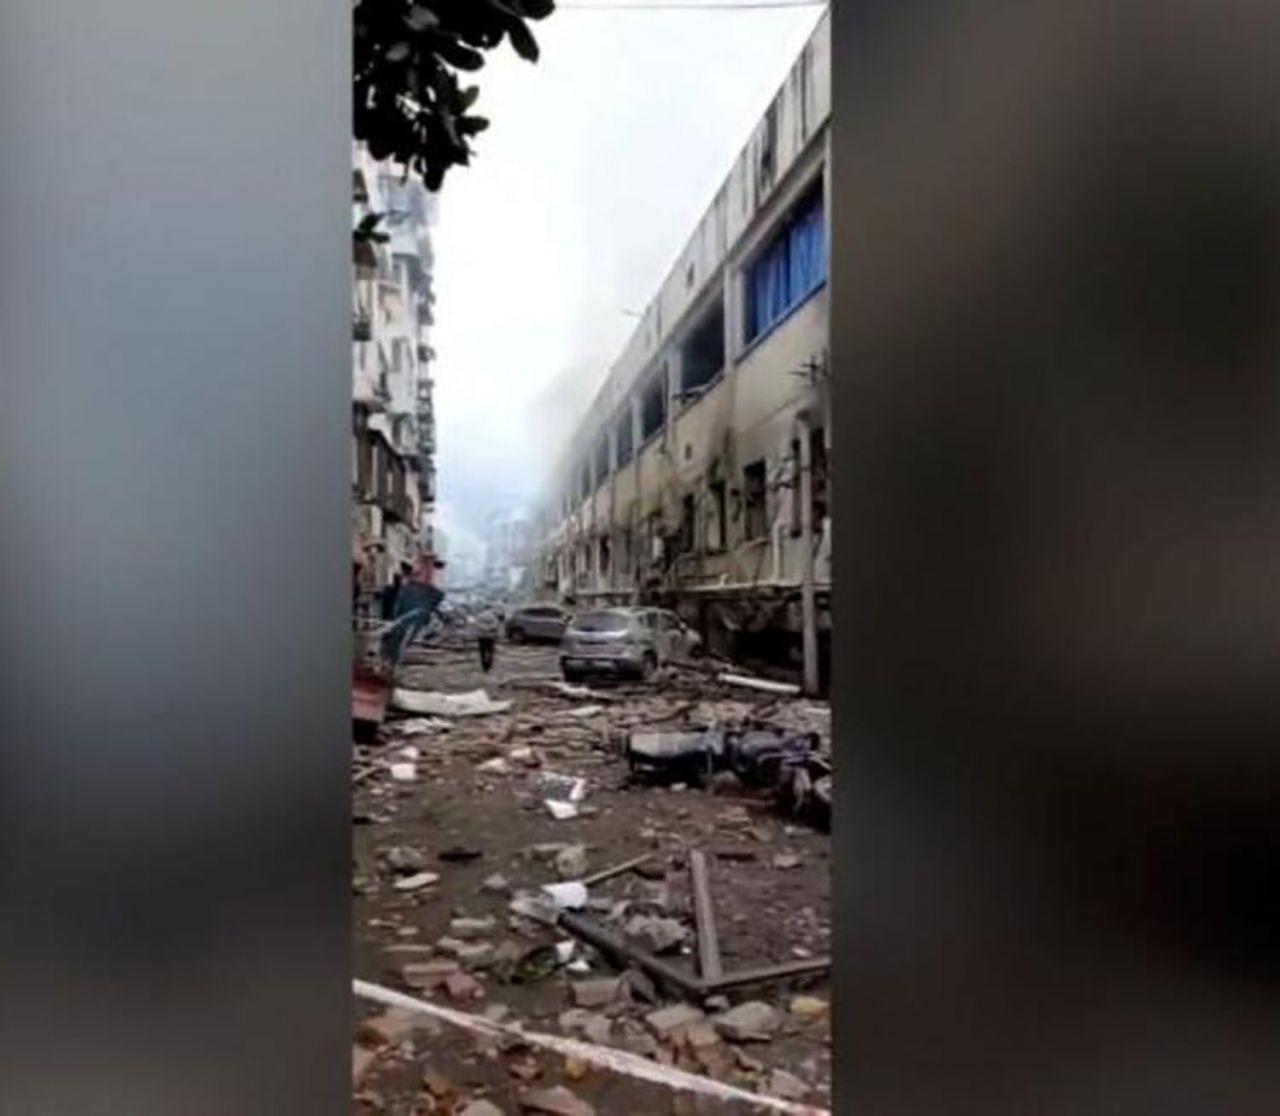 Çin'de korkunç patlama: Ortalık savaş alanına döndü! Onlarca ölü ve yaralı var - Resim: 2